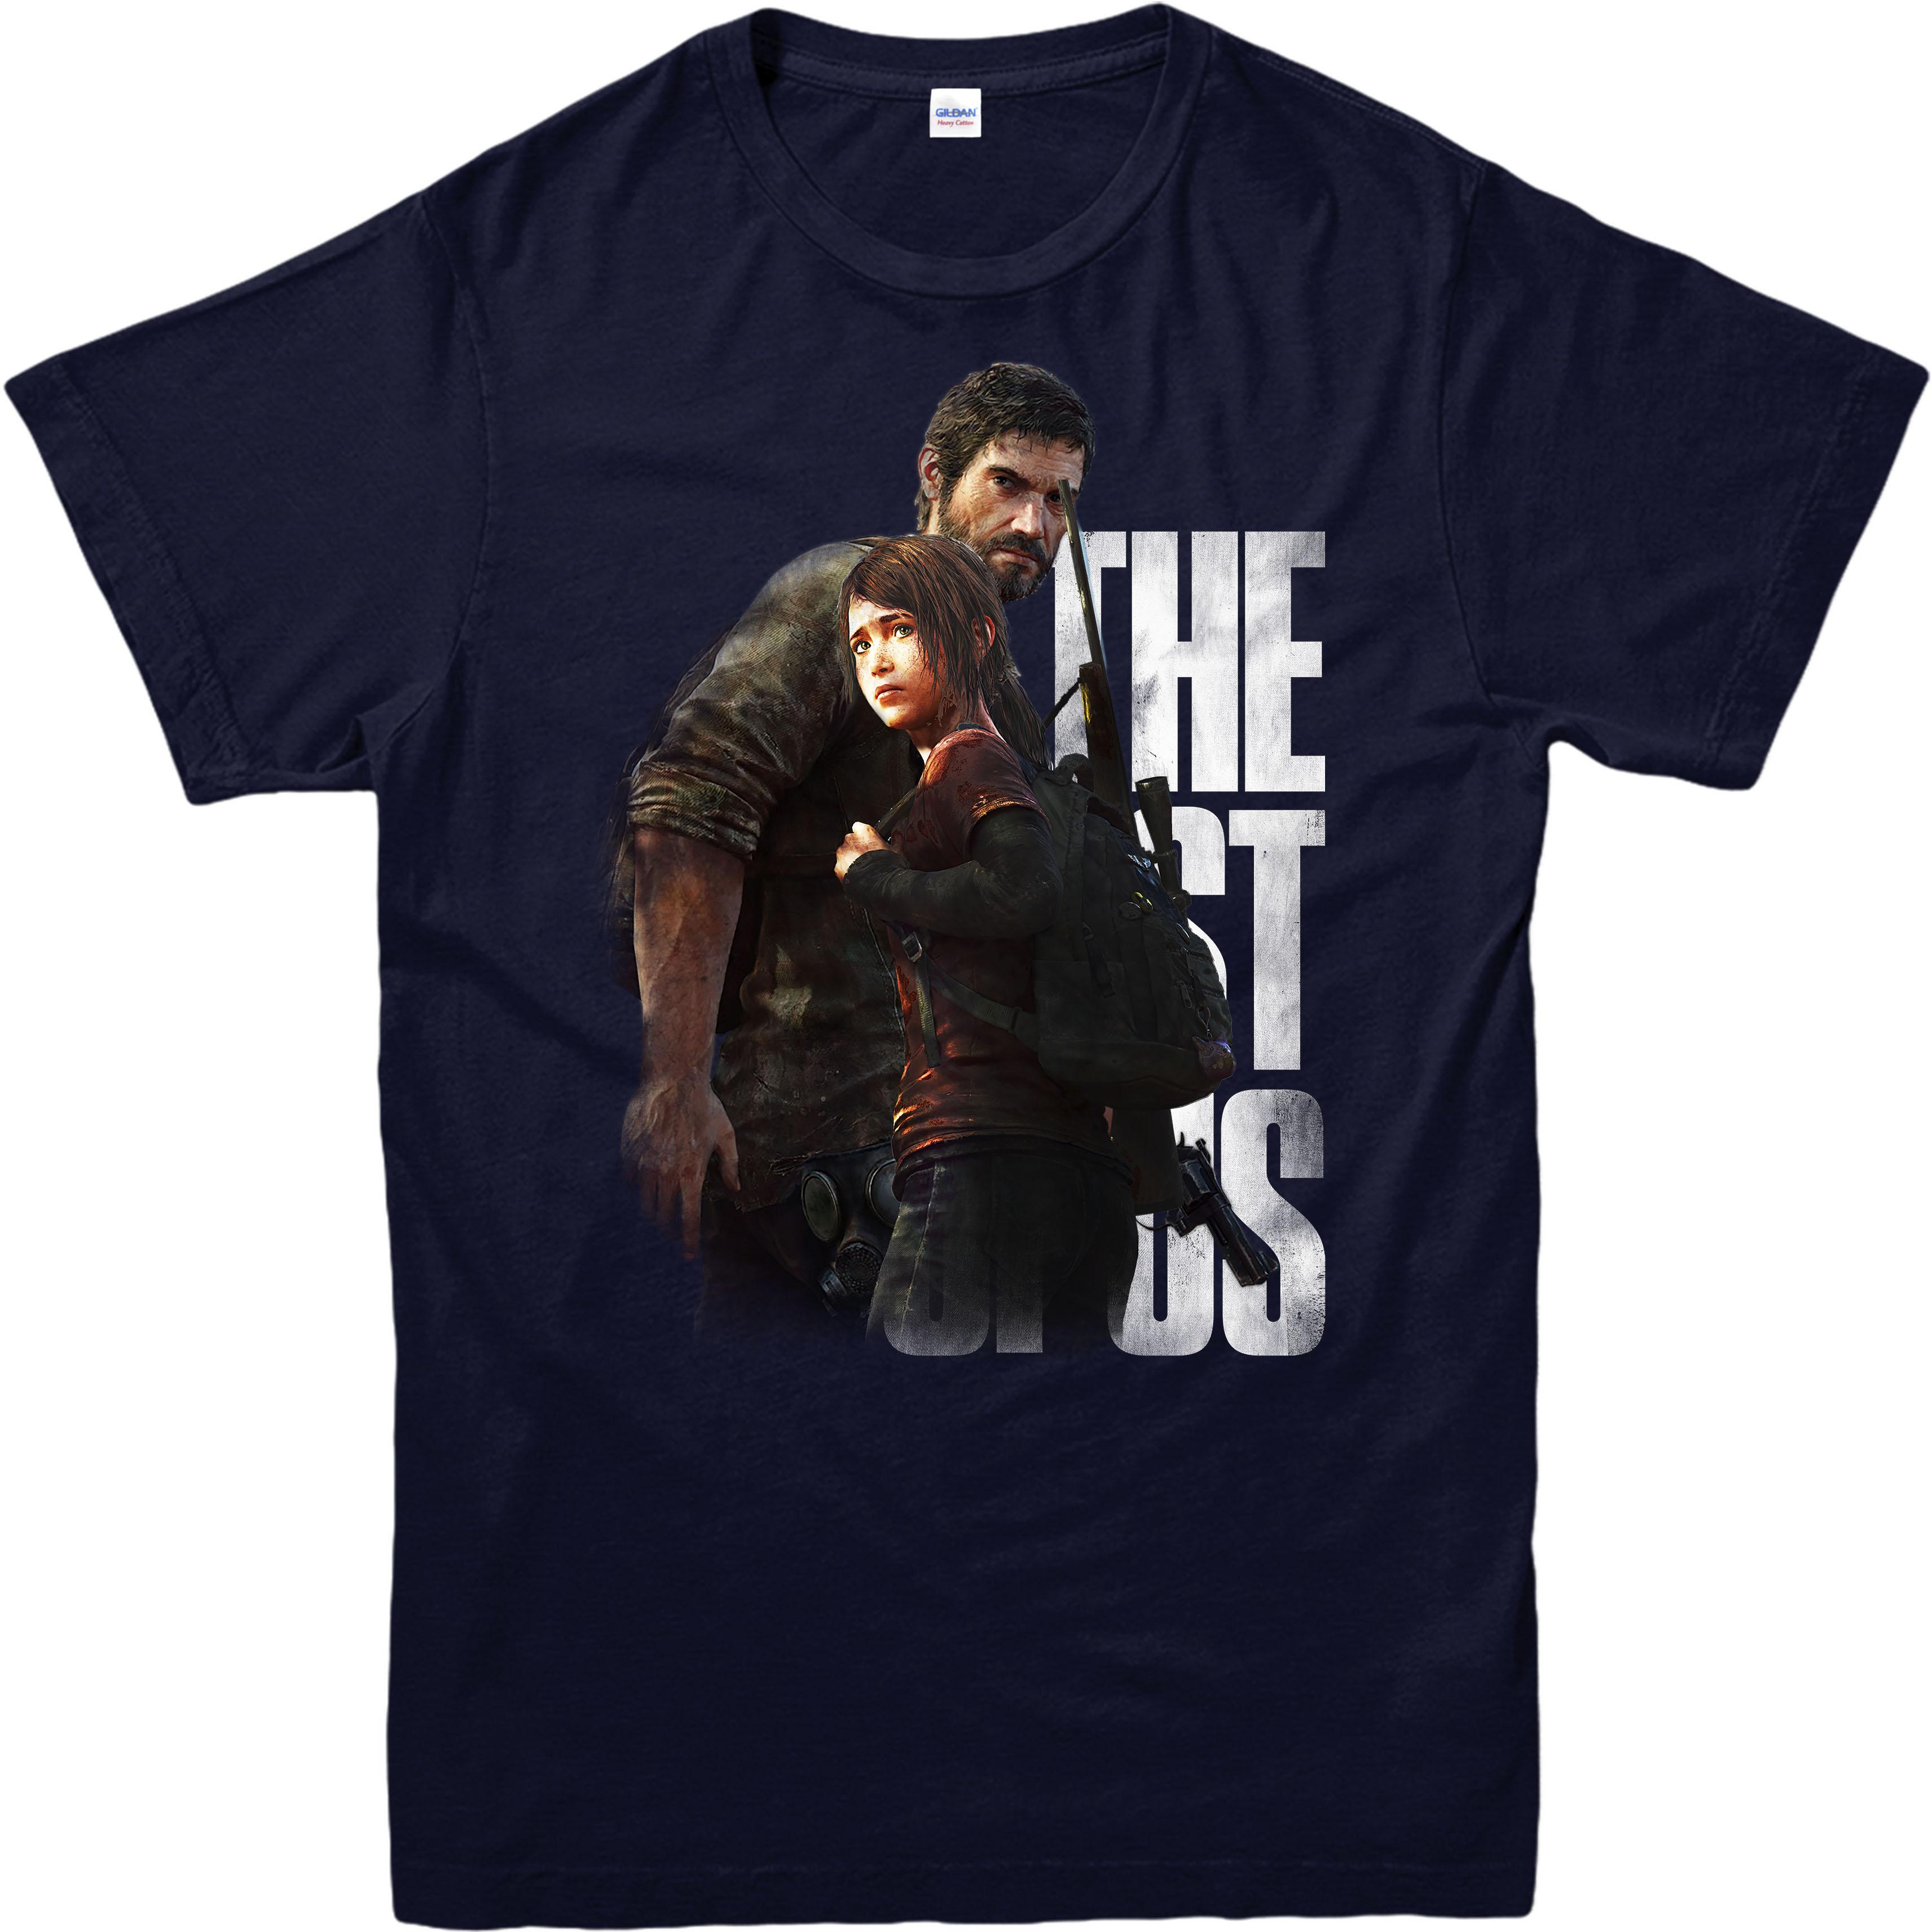 The-Last-of-Us-T-shirt-Adventure-Survival-Horror-Game-adultes-et-enfants-Tee-Top miniature 3